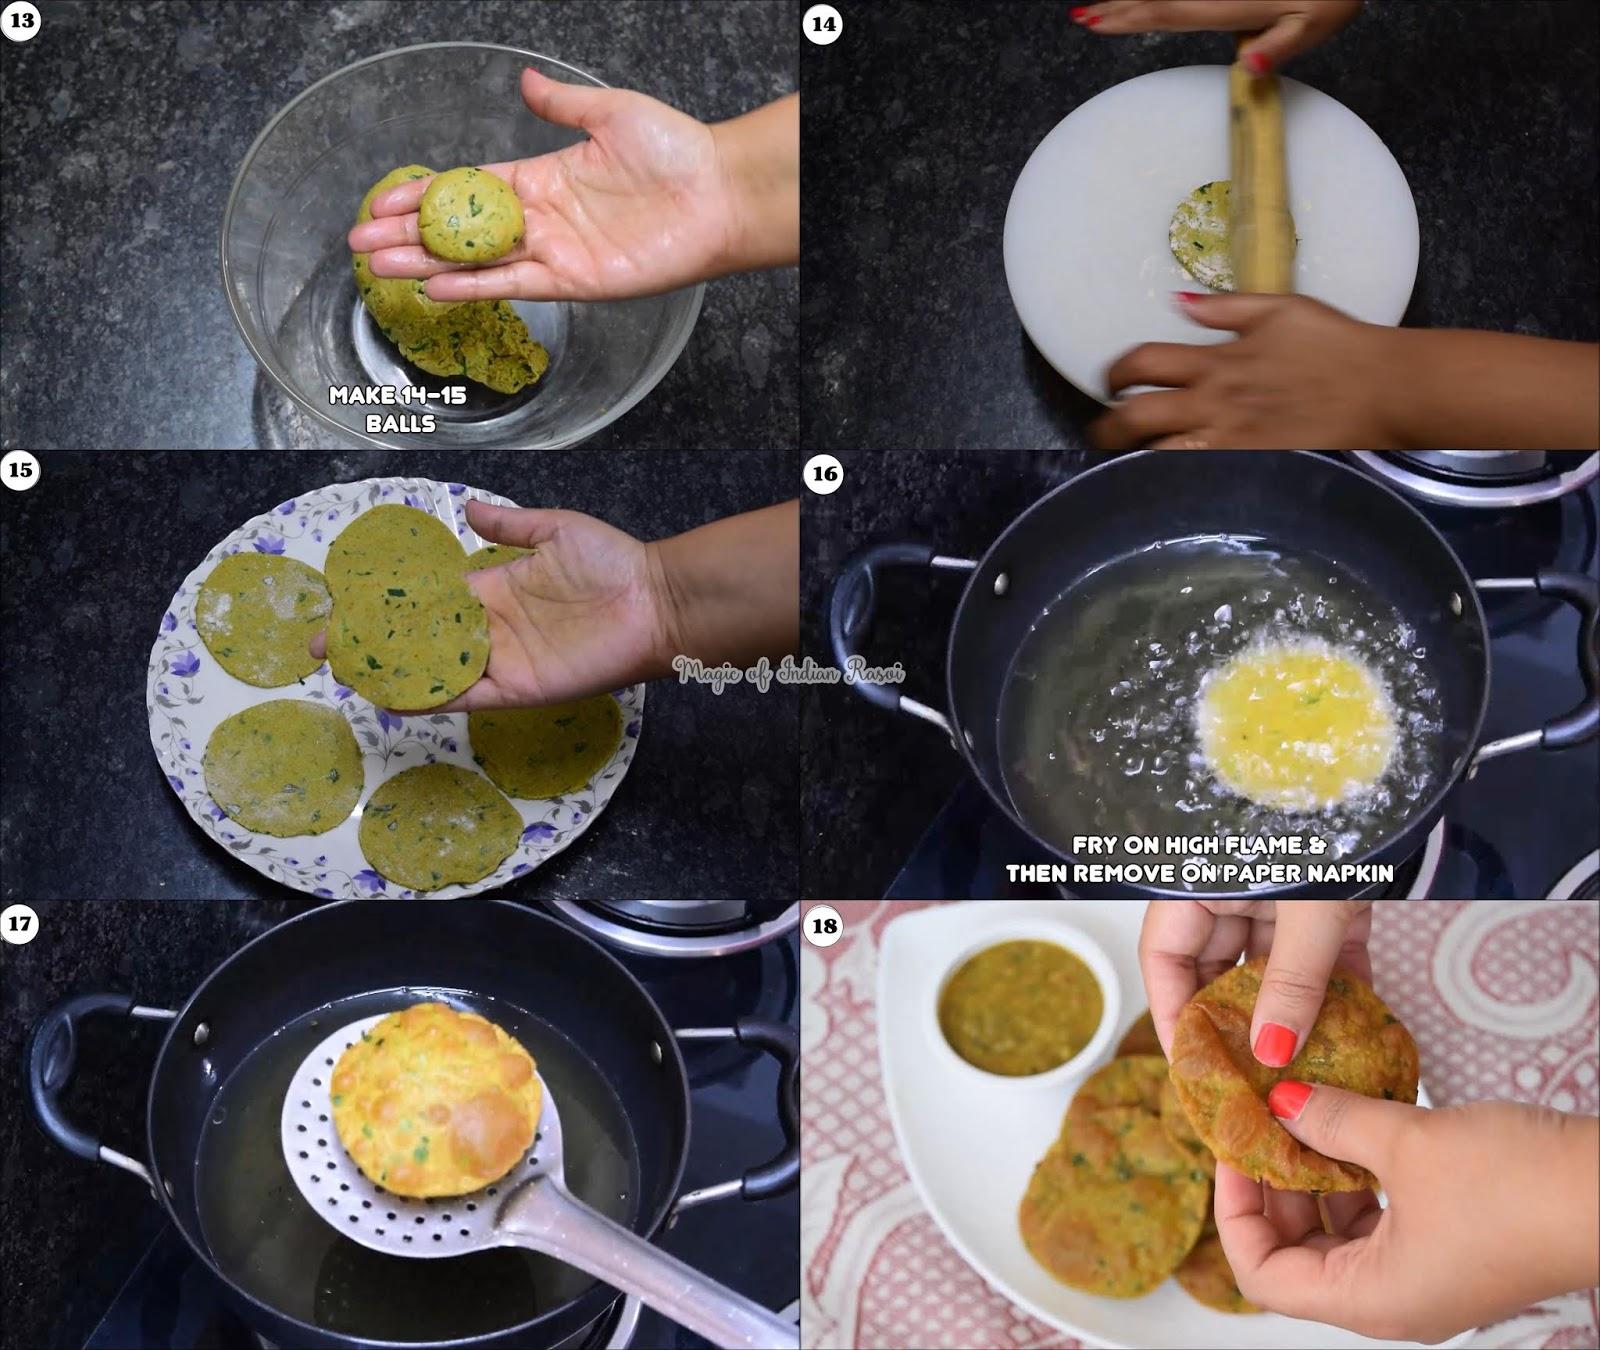 Bajra Methi Poori Recipe - सुभे के नाश्ते के लिए स्वादिष्ट बाजरा मेथी पूरी - Priya R - Magic of Indian Rasoi